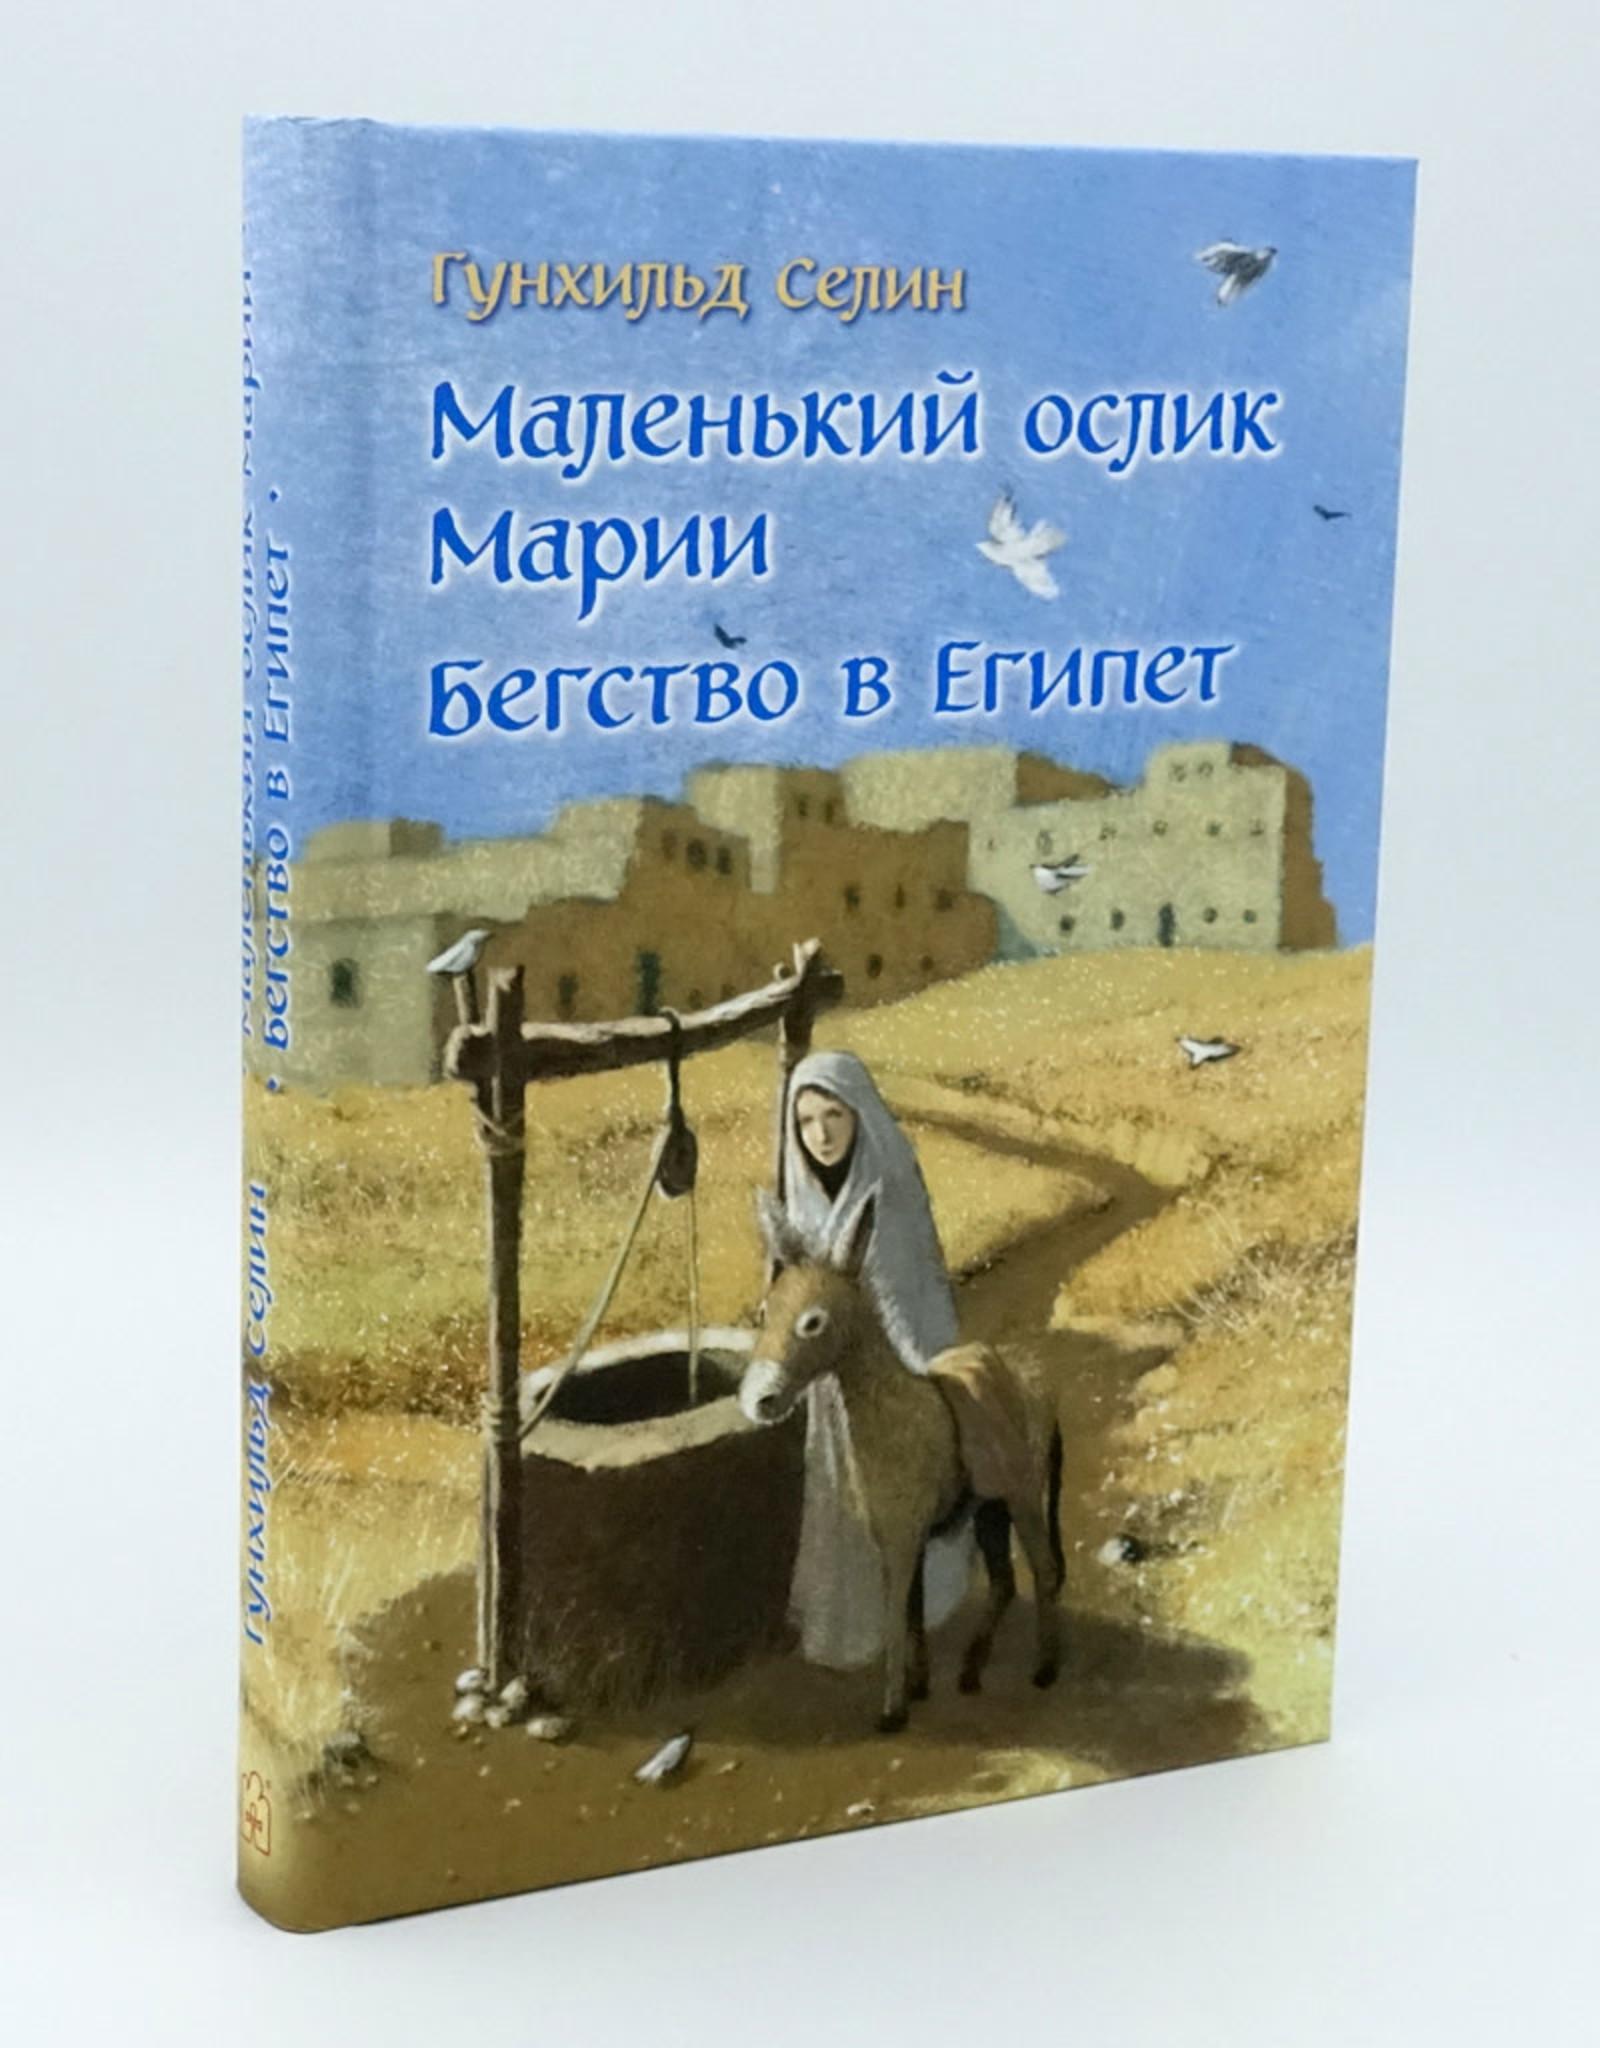 Маленький Ослик Марии, Бегство в Египет